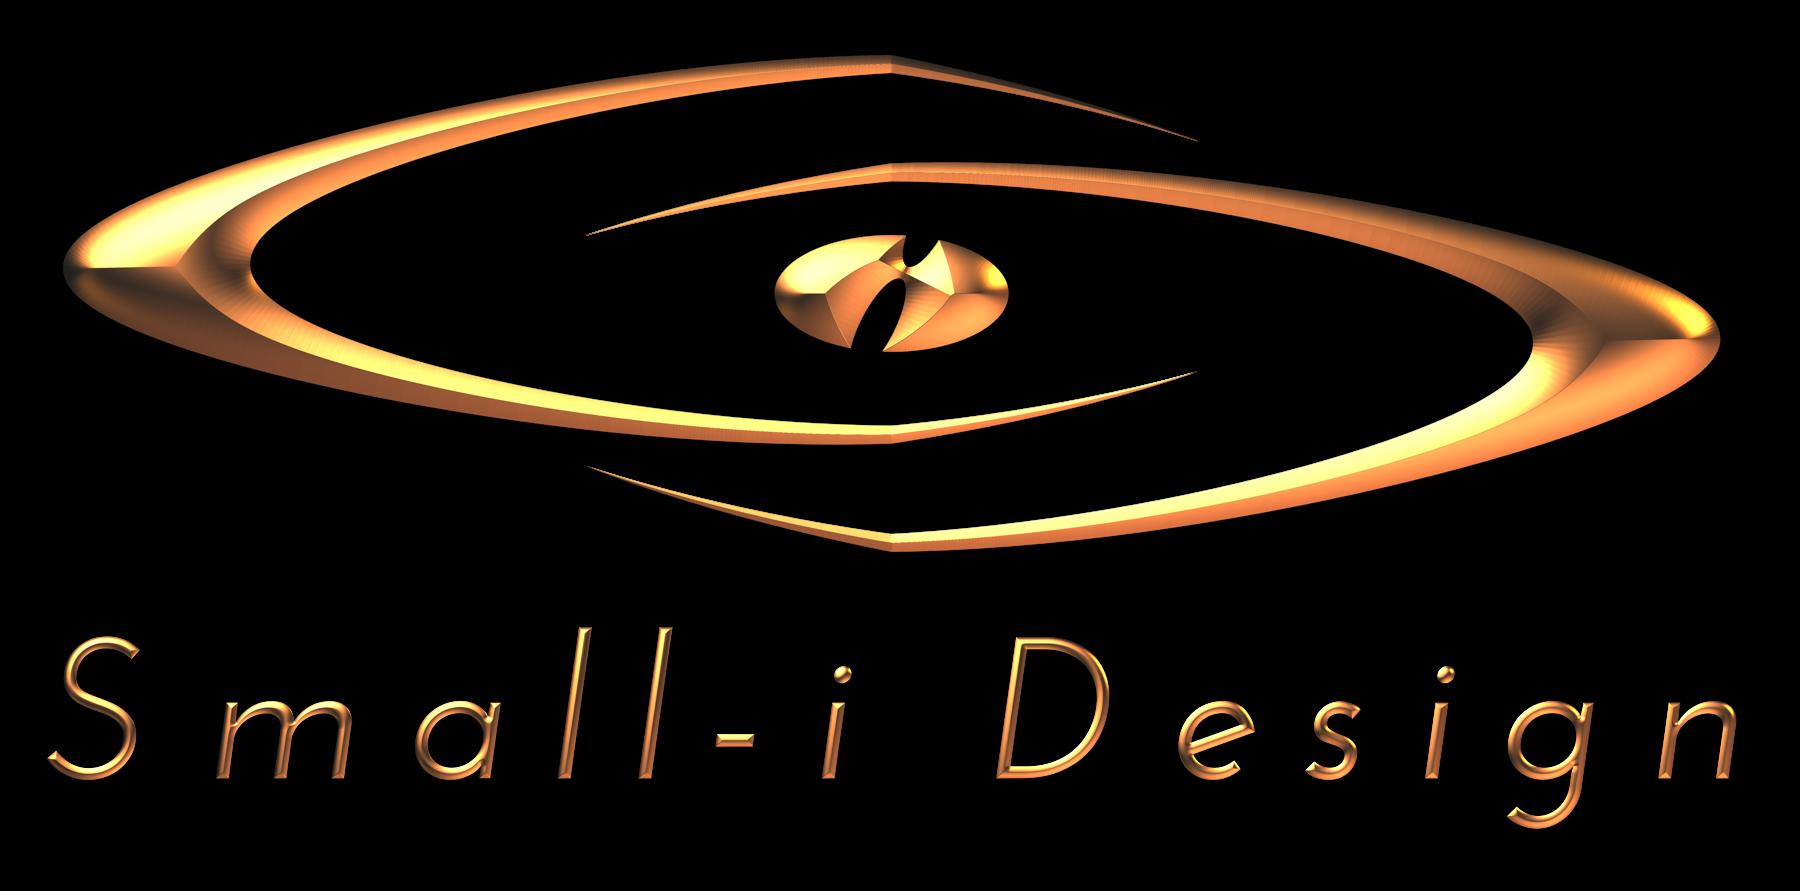 Small-i Design